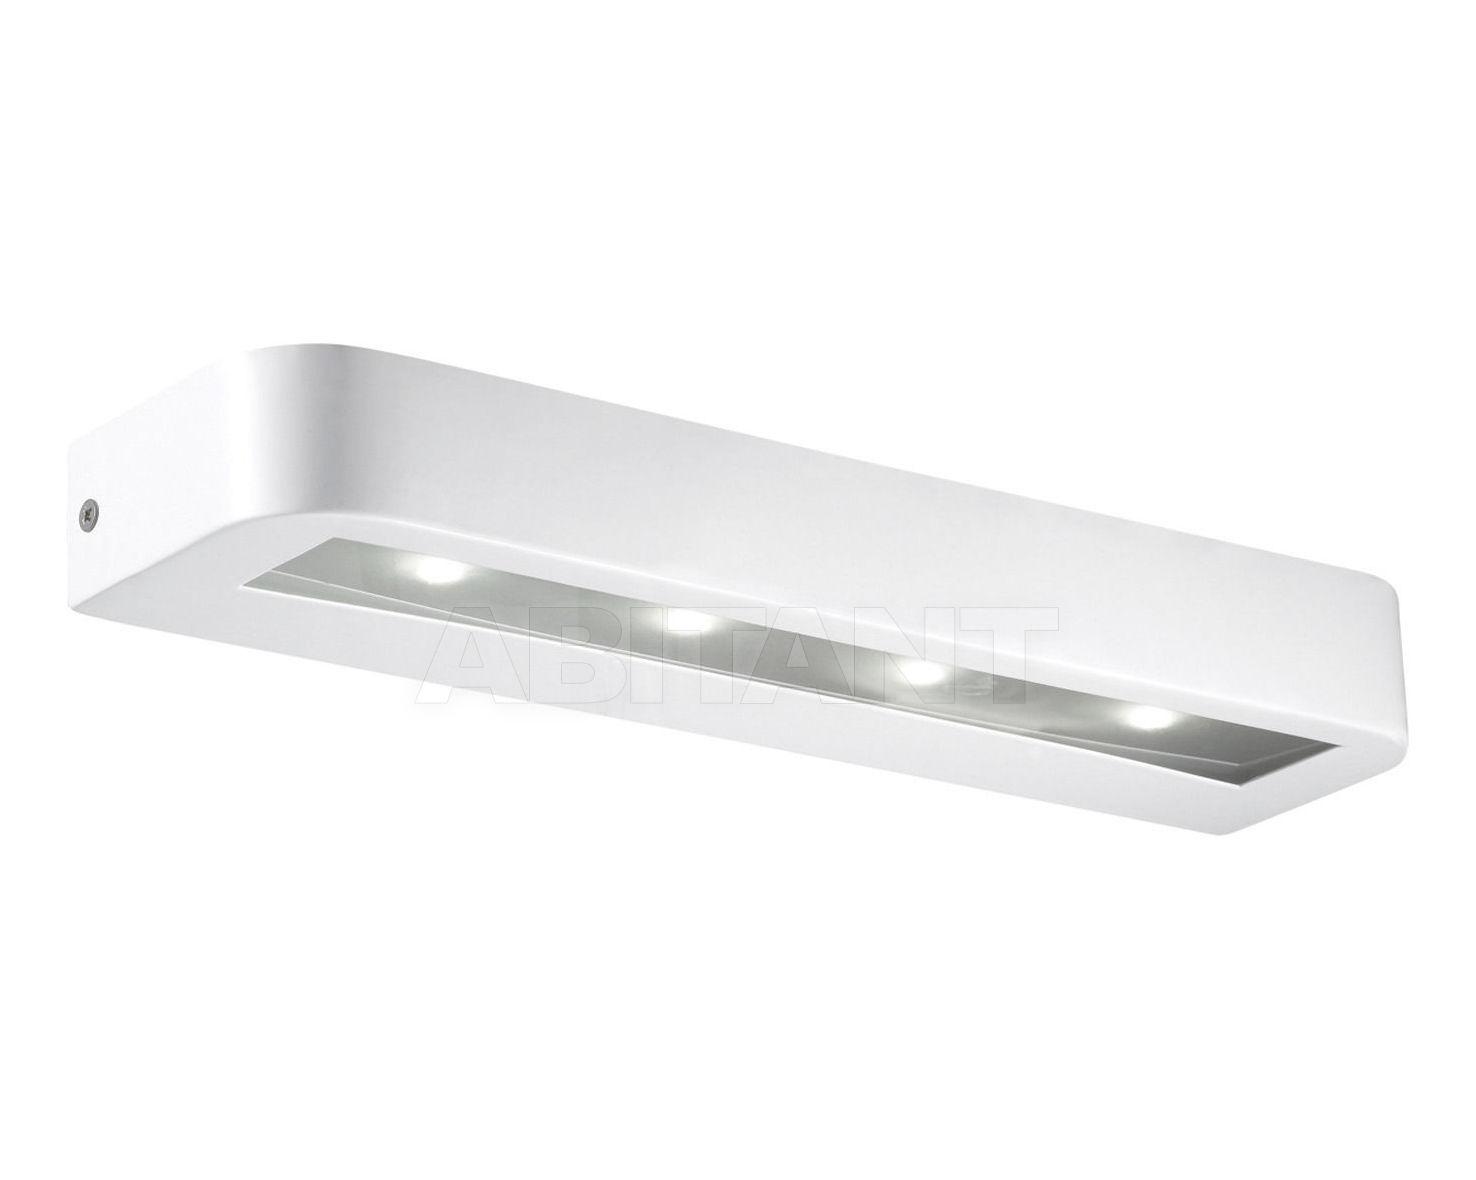 Купить Светильник настенный Ideal Lux 2013-2014 TRIBE AP4 BIANCO